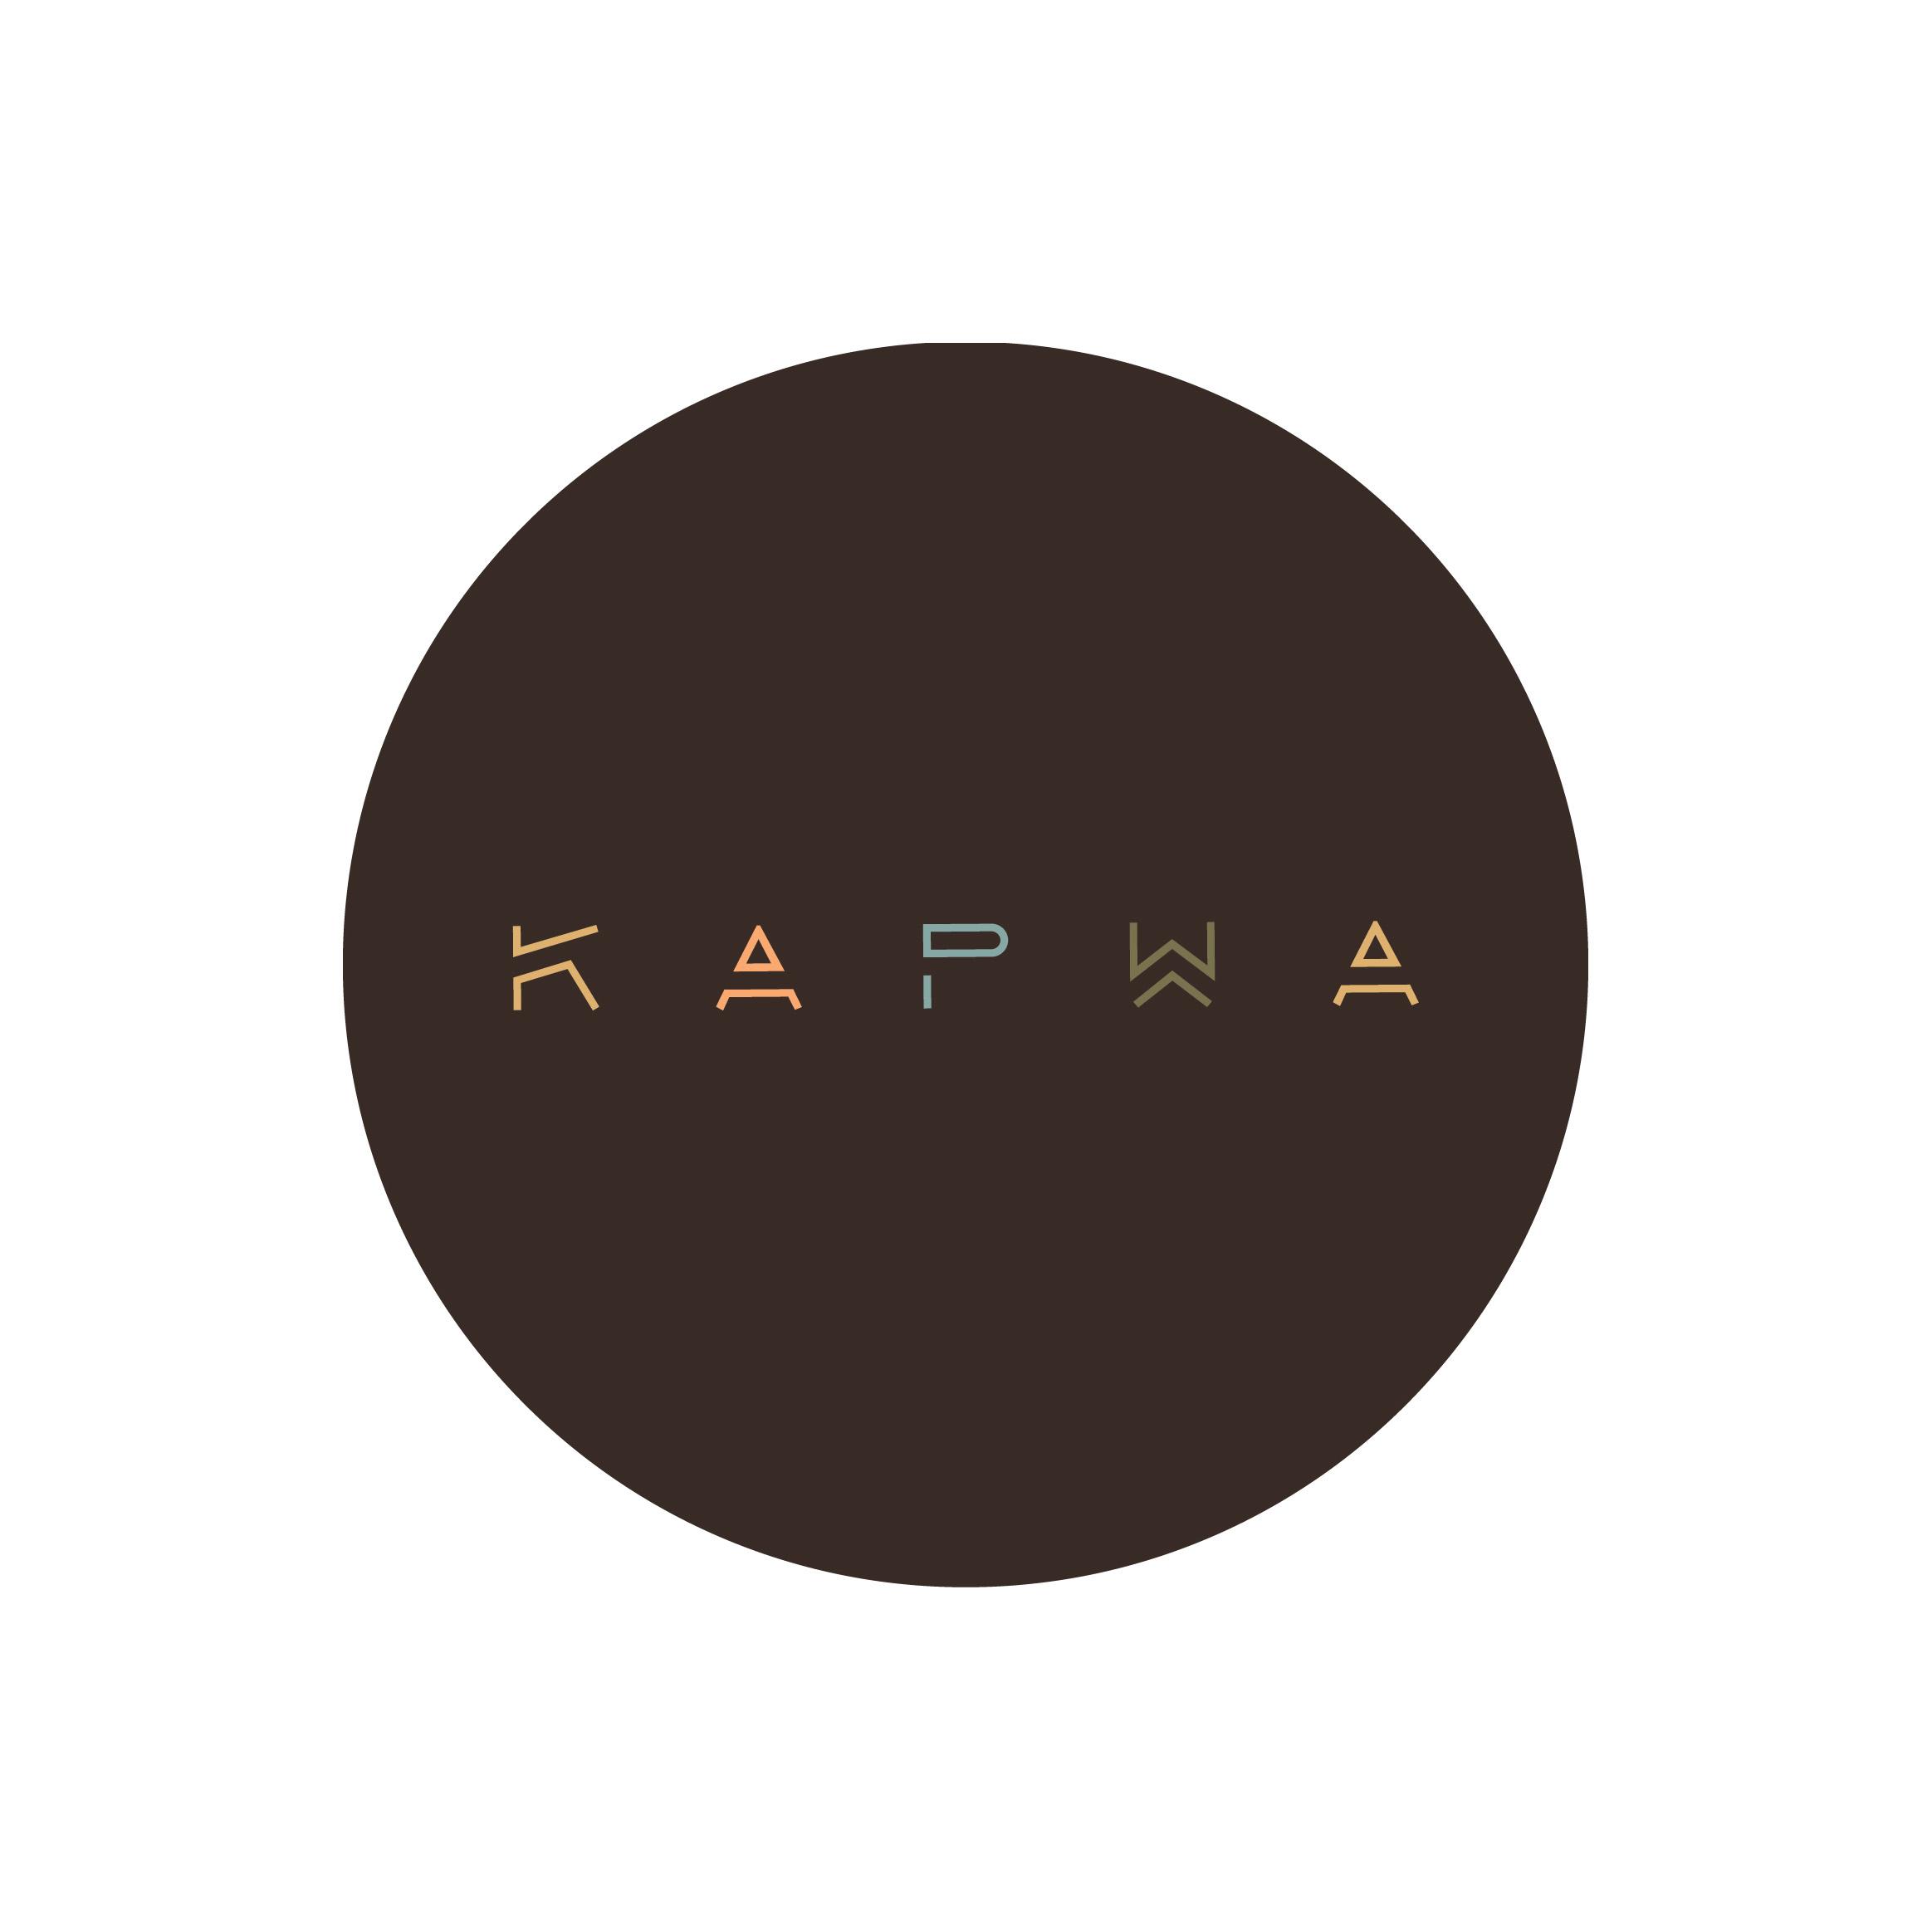 Kapwa logo